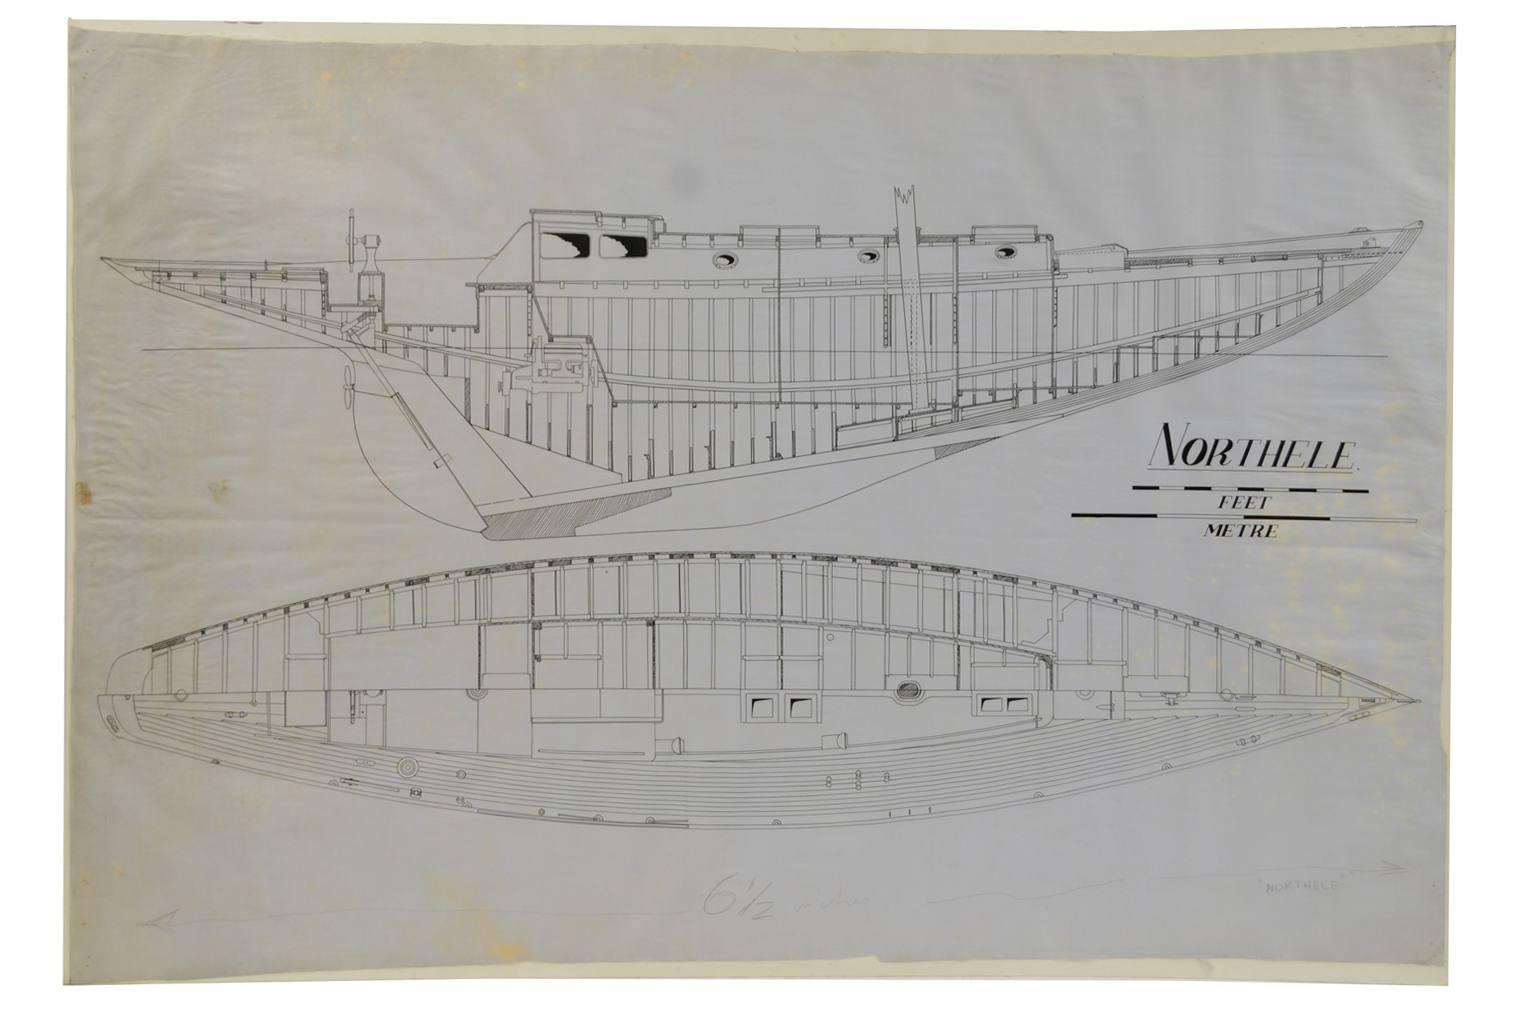 Progetti di barche d'epoca/PR49-Northele